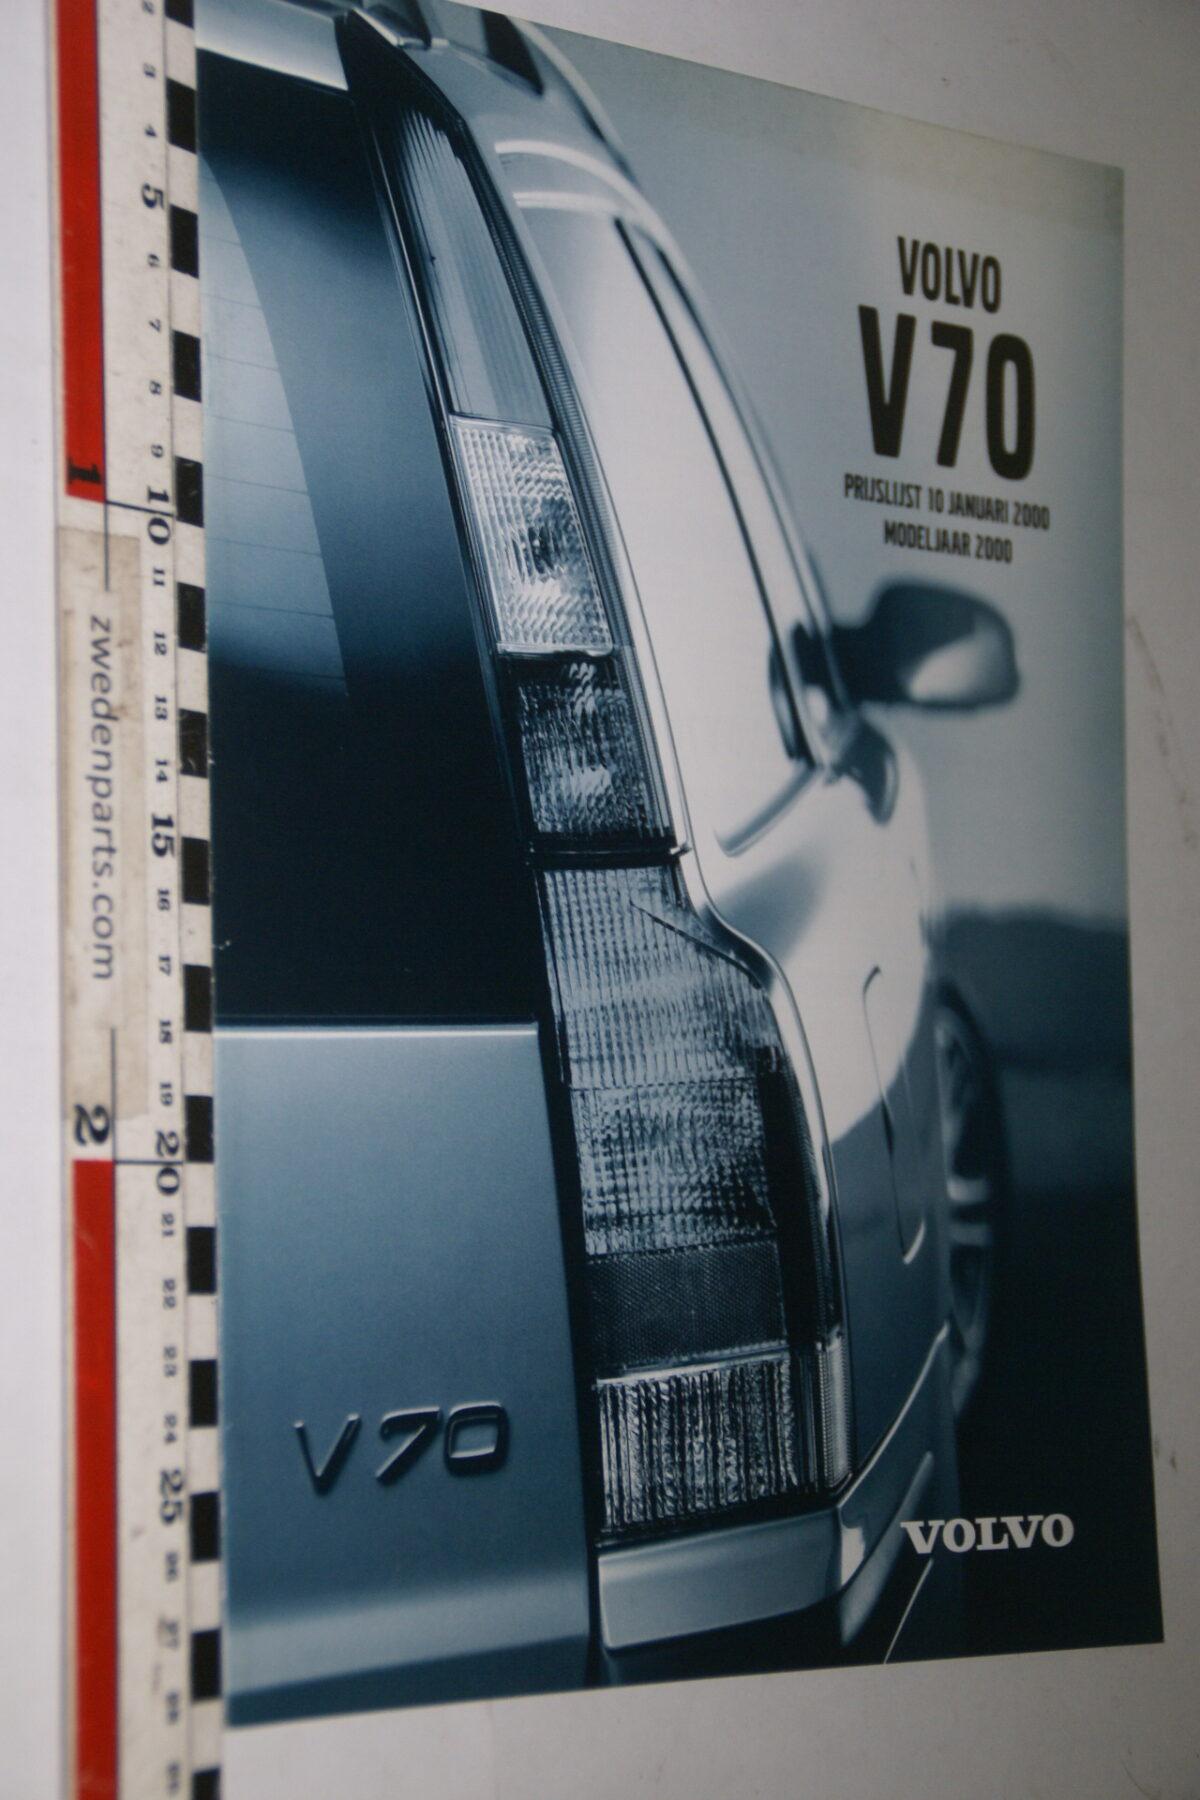 DSC05250 2000 originele brochure Volvo V70 nr V70-1-v1-b3e9c2e2